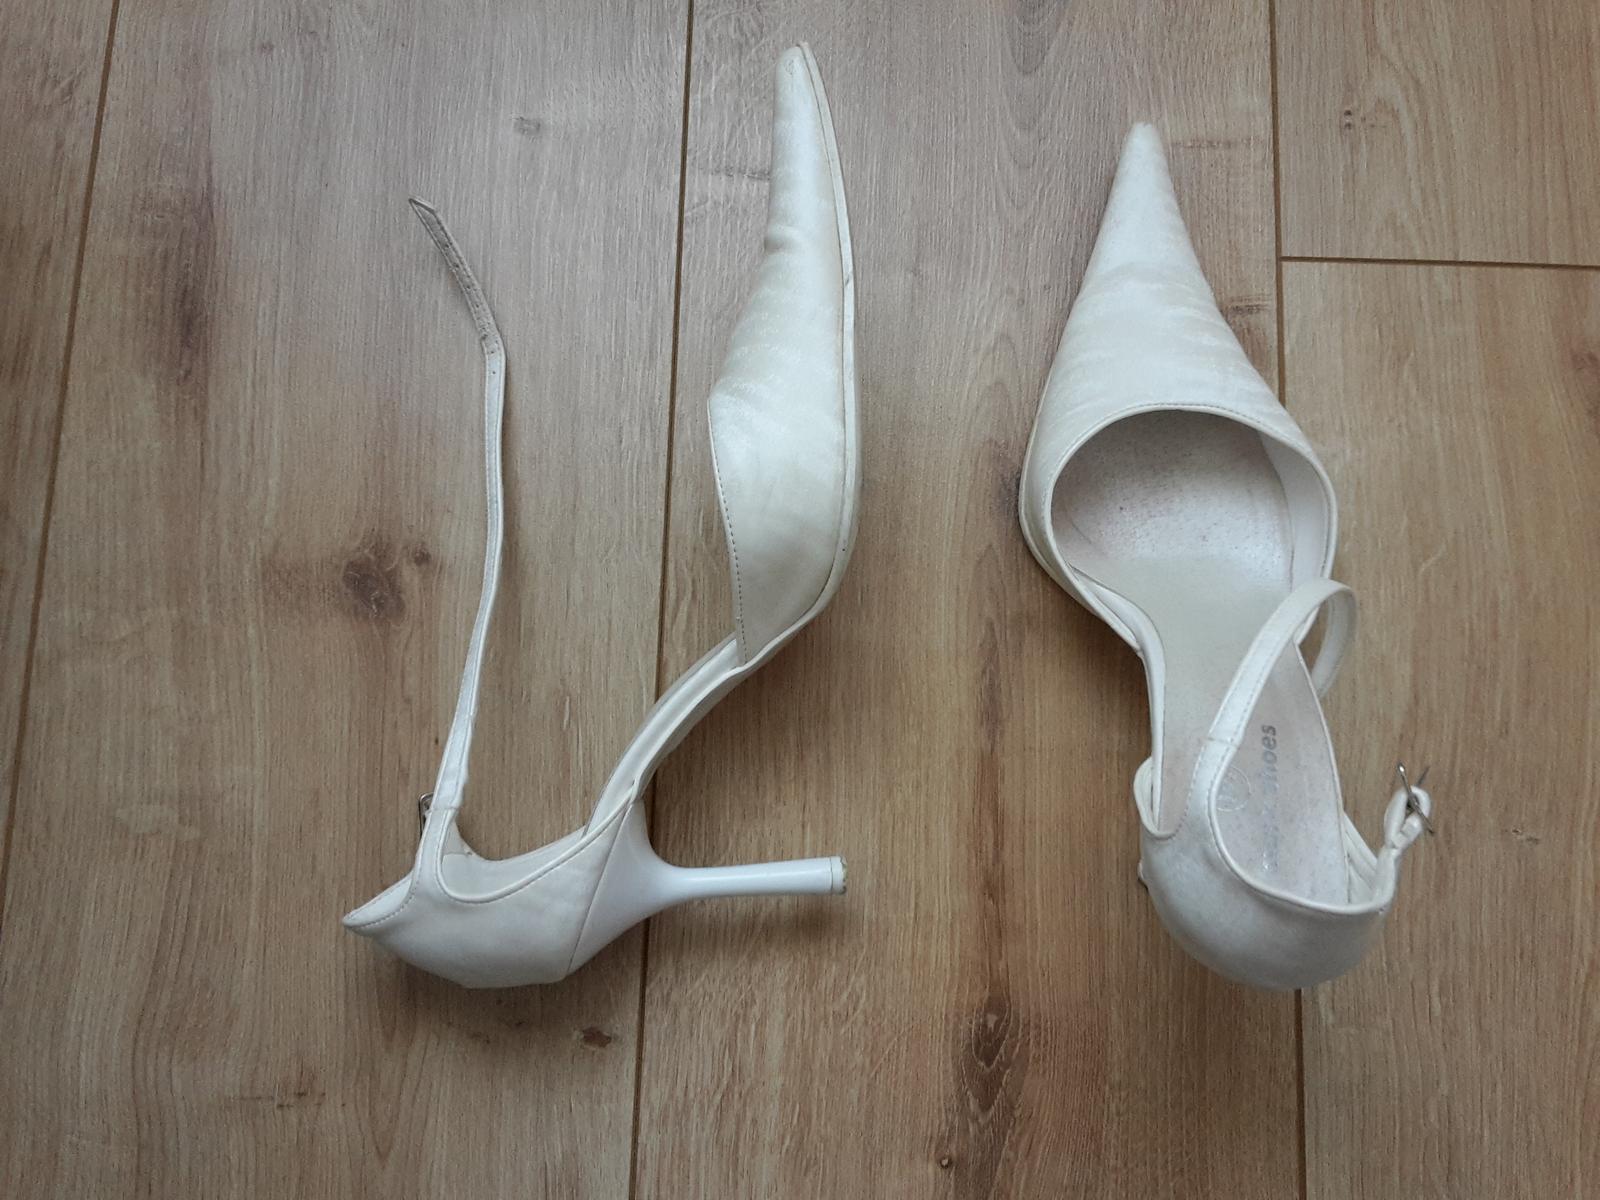 svadobné topánky Mark shoes - Obrázok č. 2